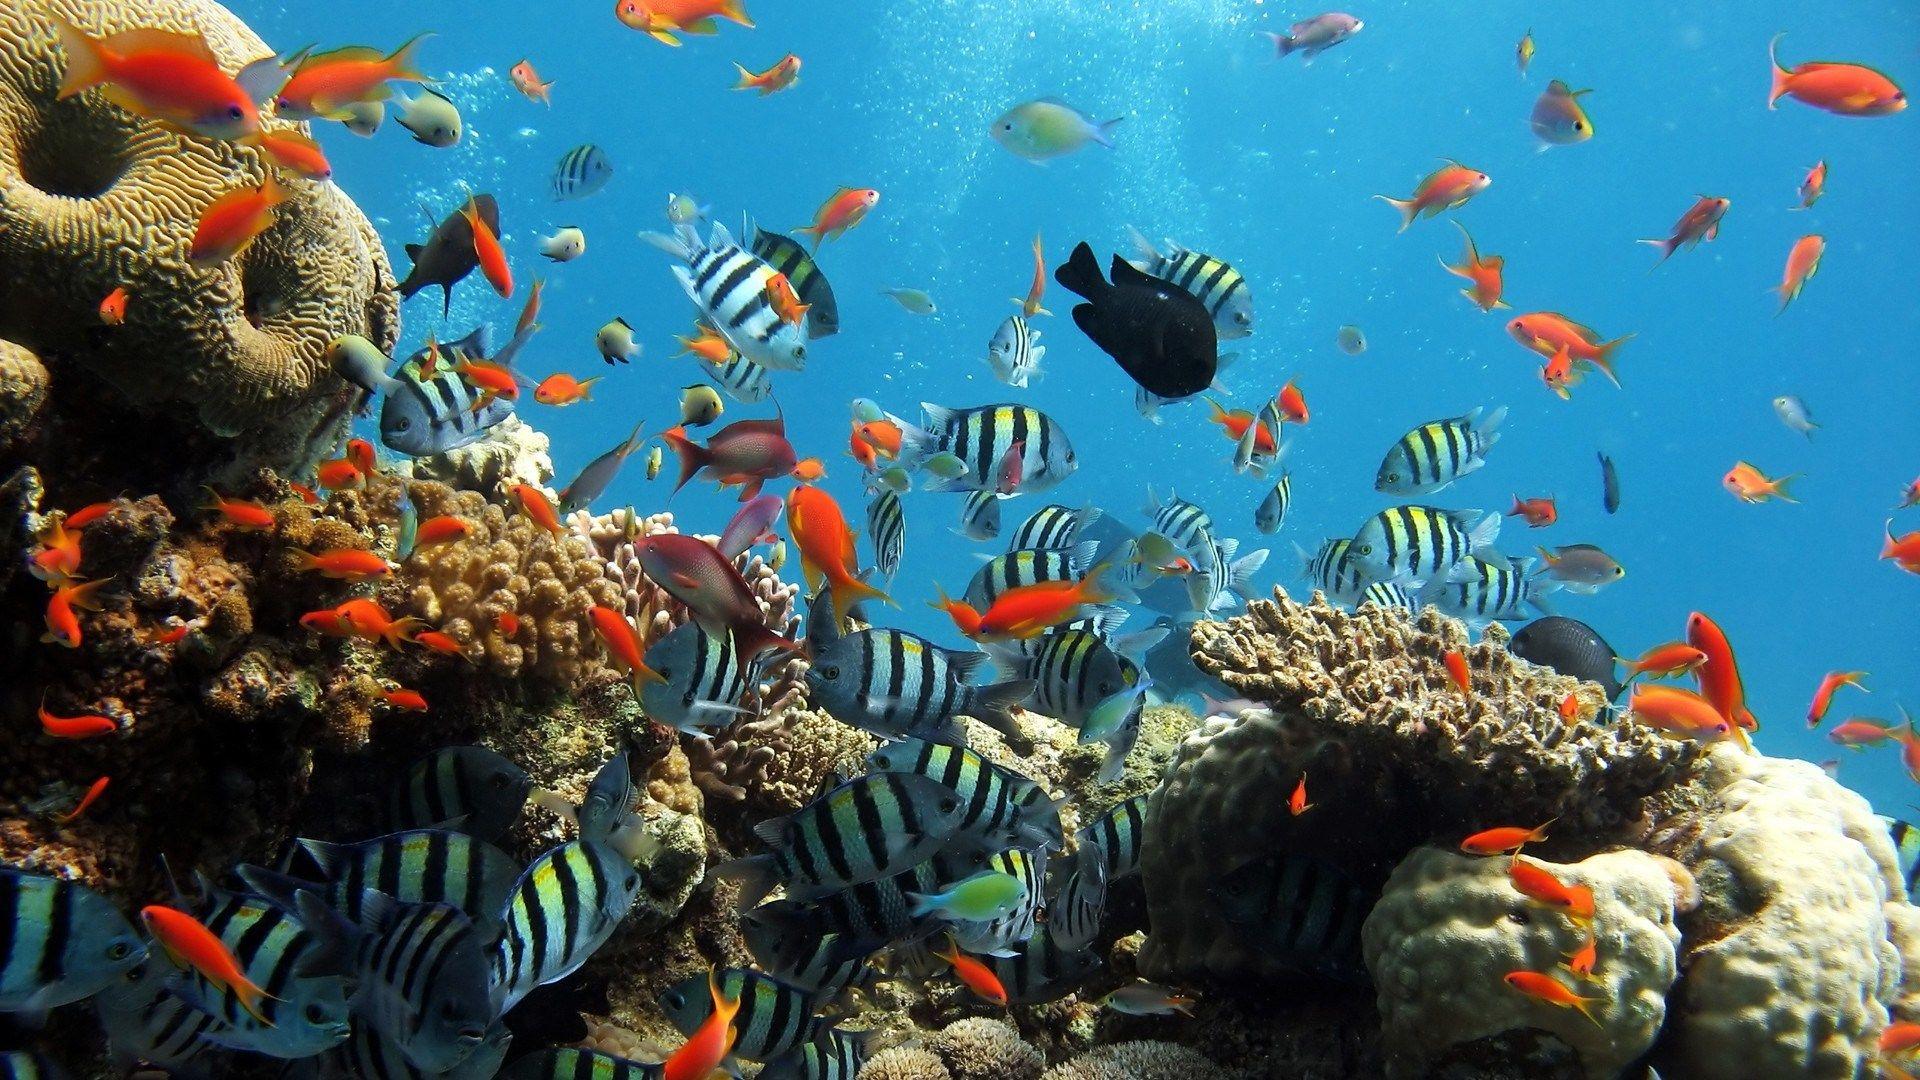 Underwater Hd Widescreen Wallpapers